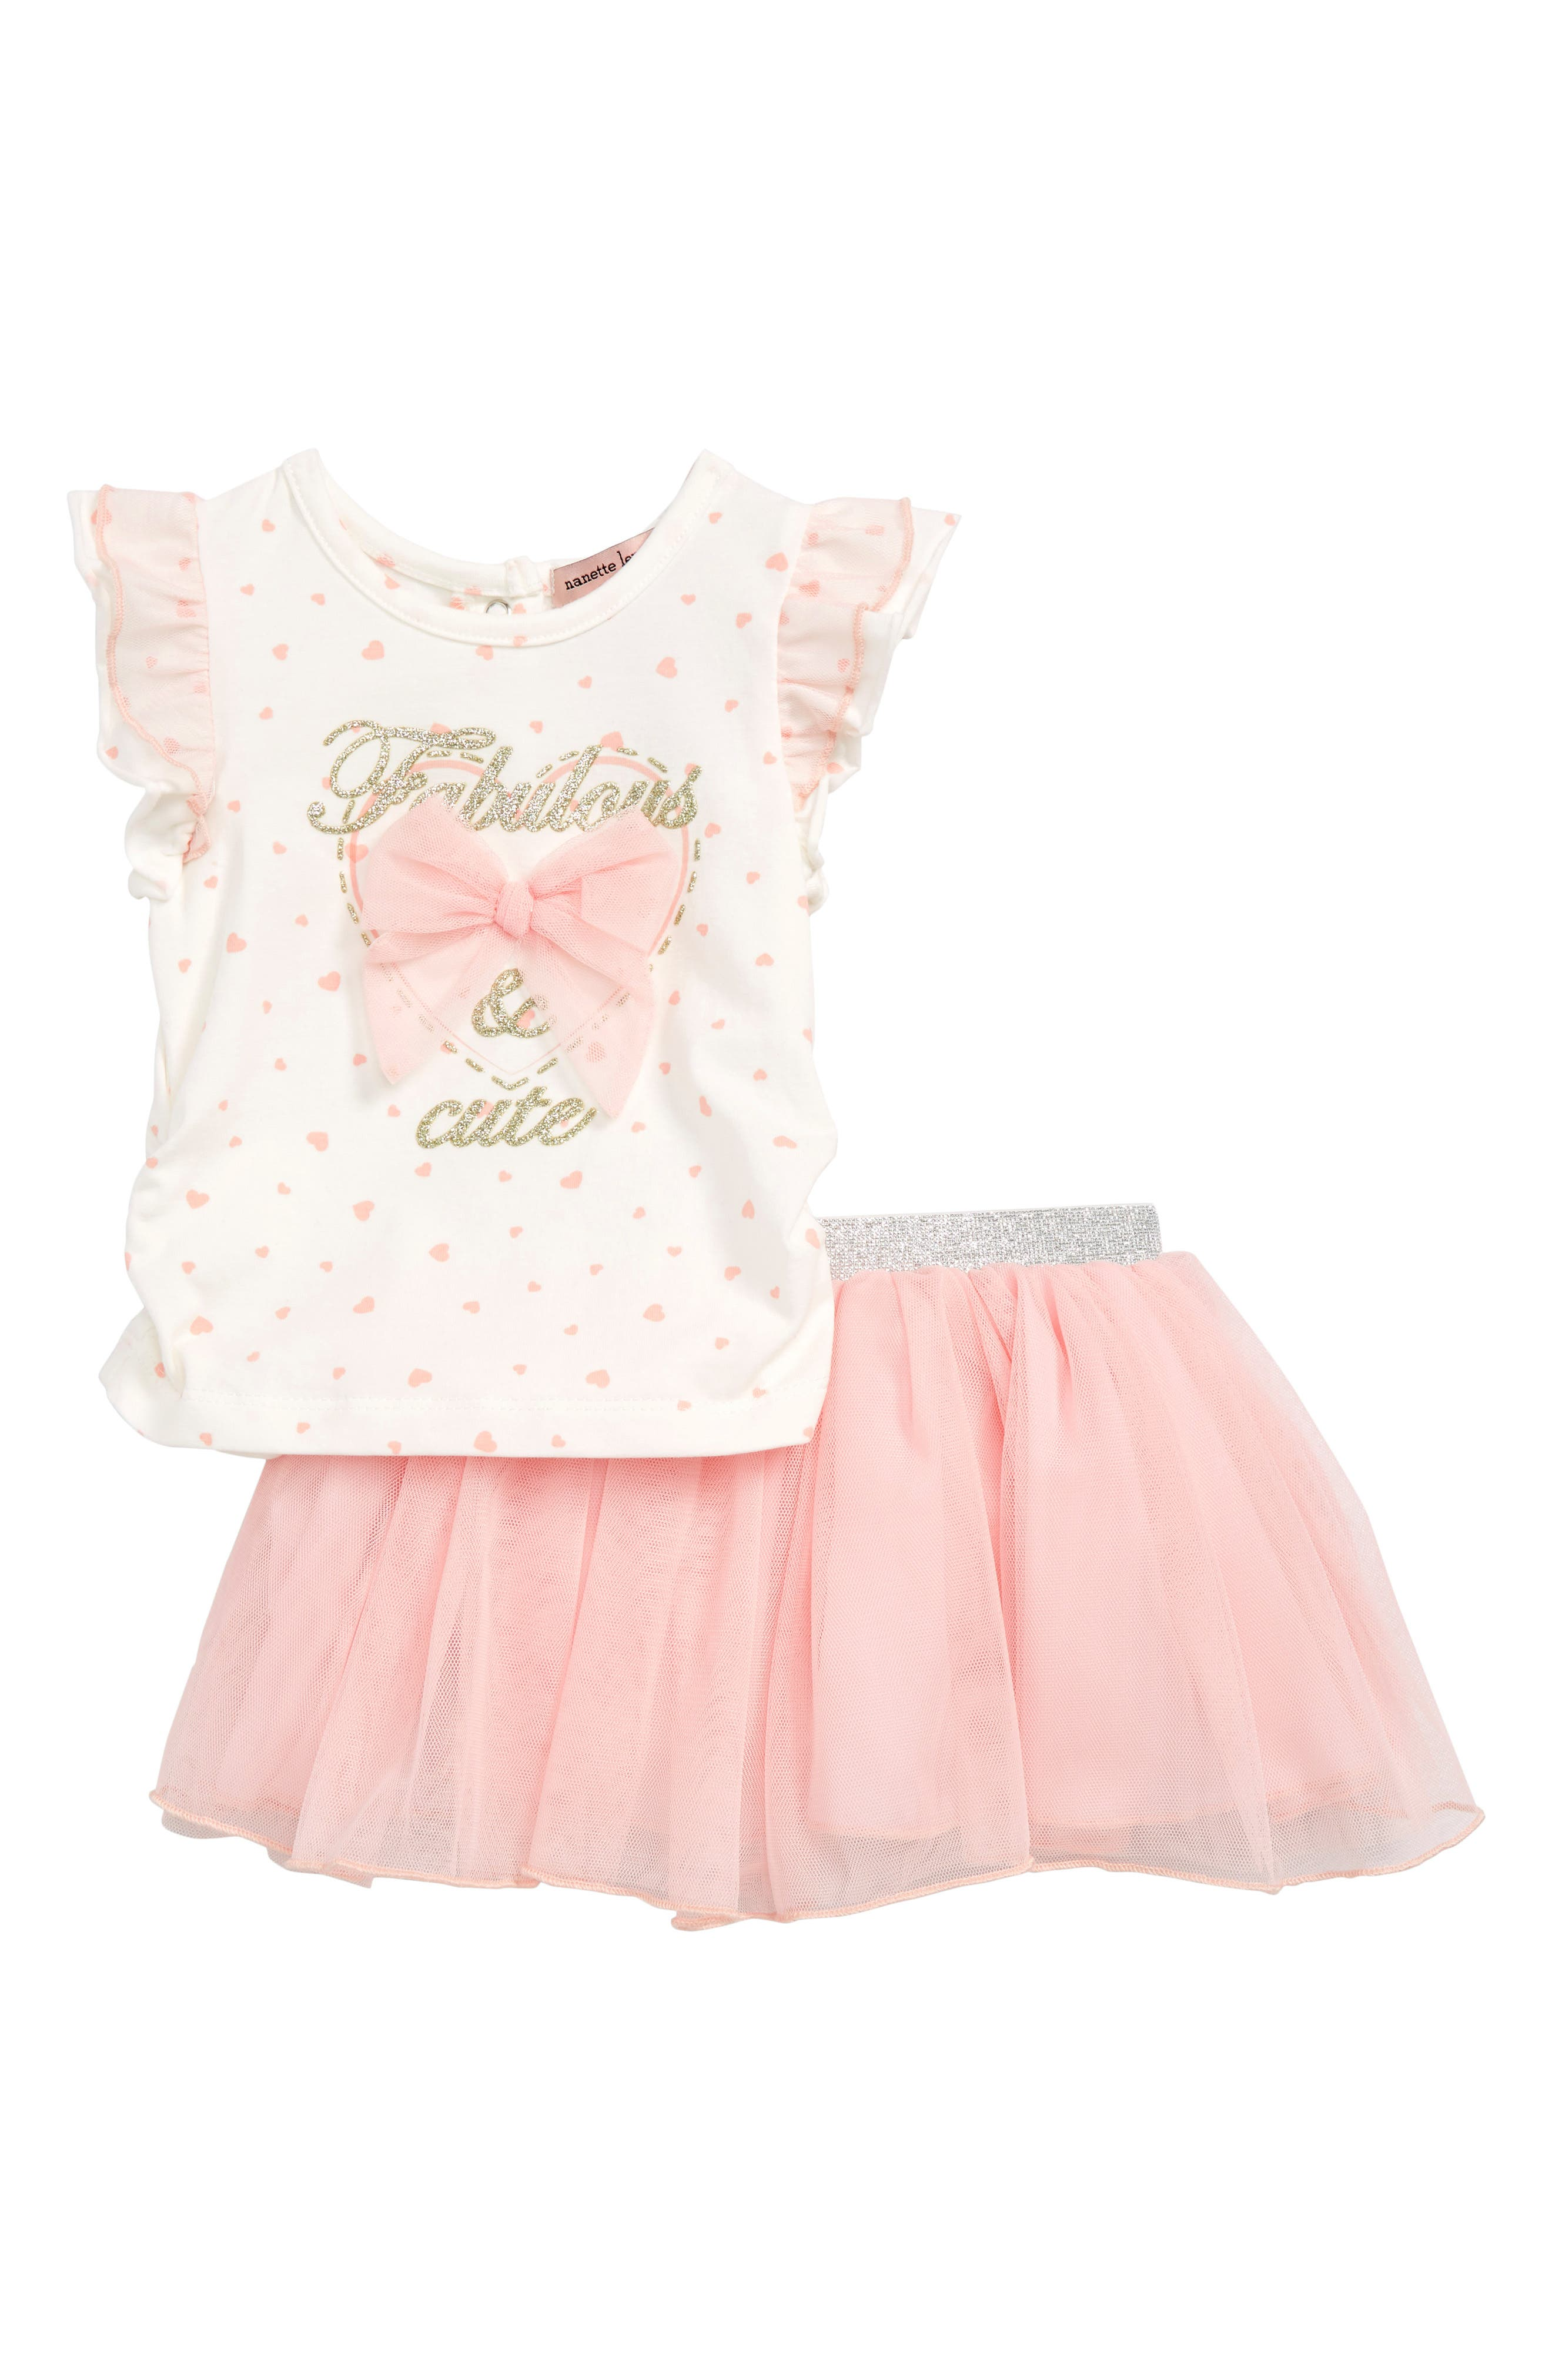 Bow Top & Tutu Skirt Set,                         Main,                         color, 900